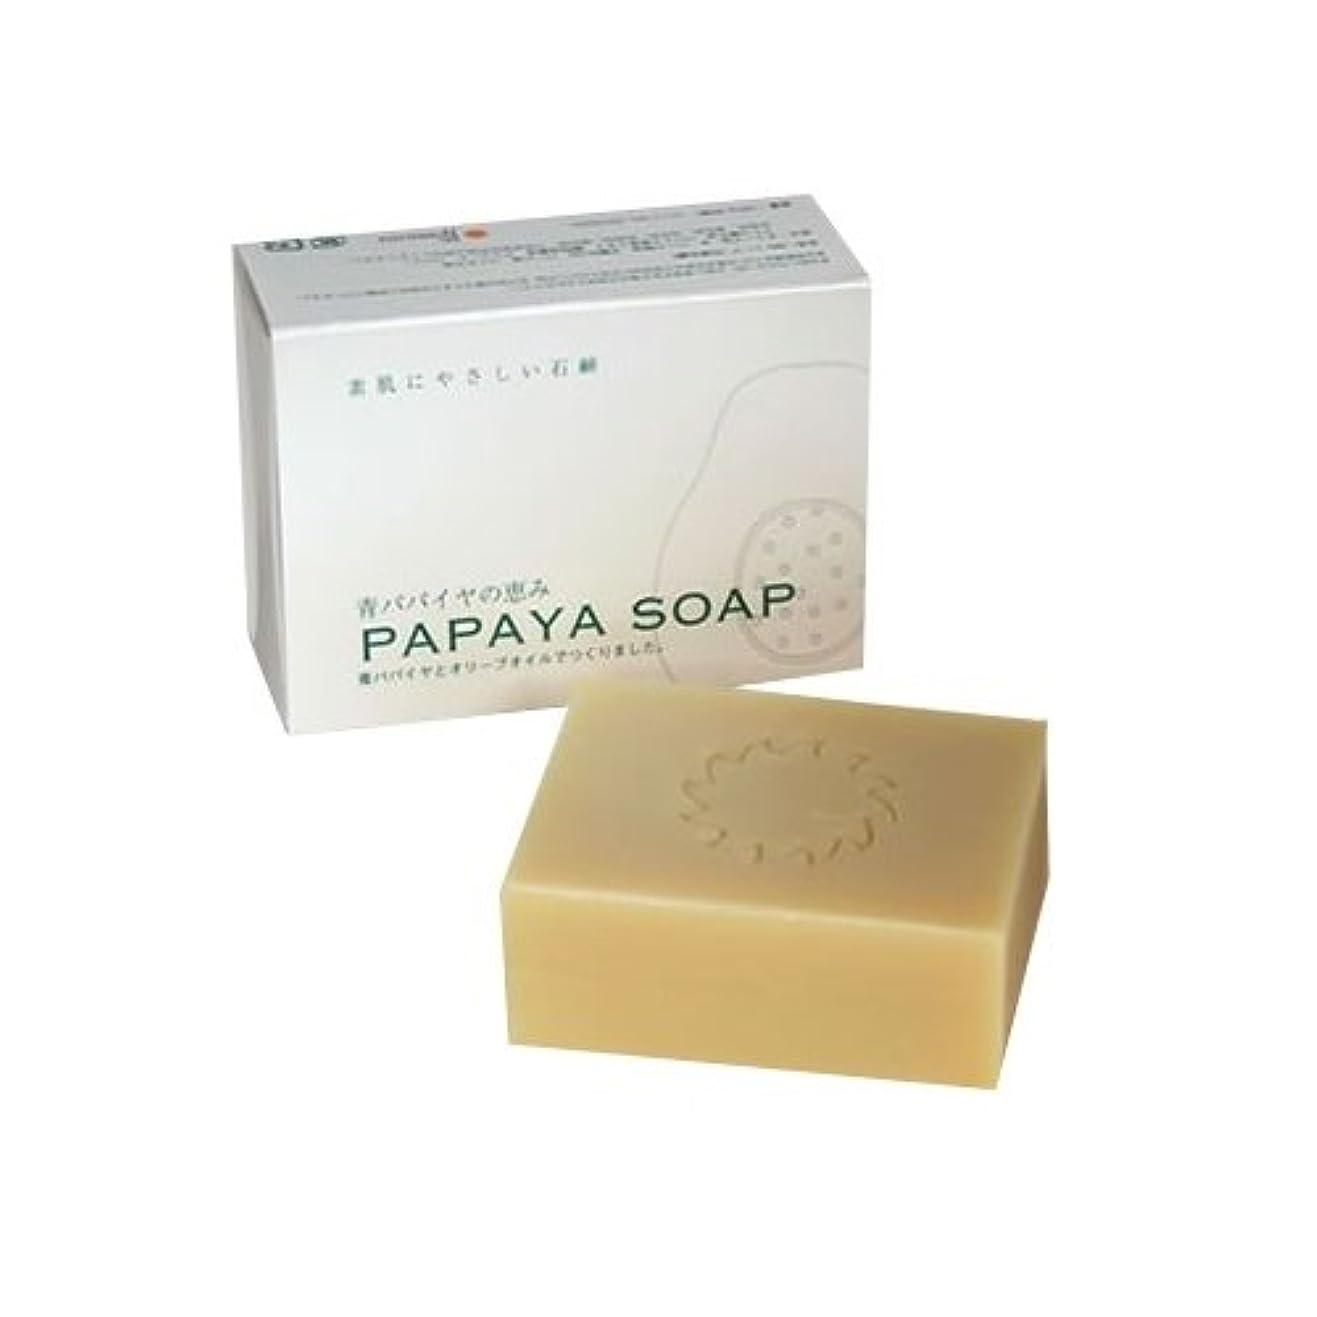 新鮮なバタフライのり青パパイヤの恵み PAPAYA SOAP(パパイヤソープ) 100g